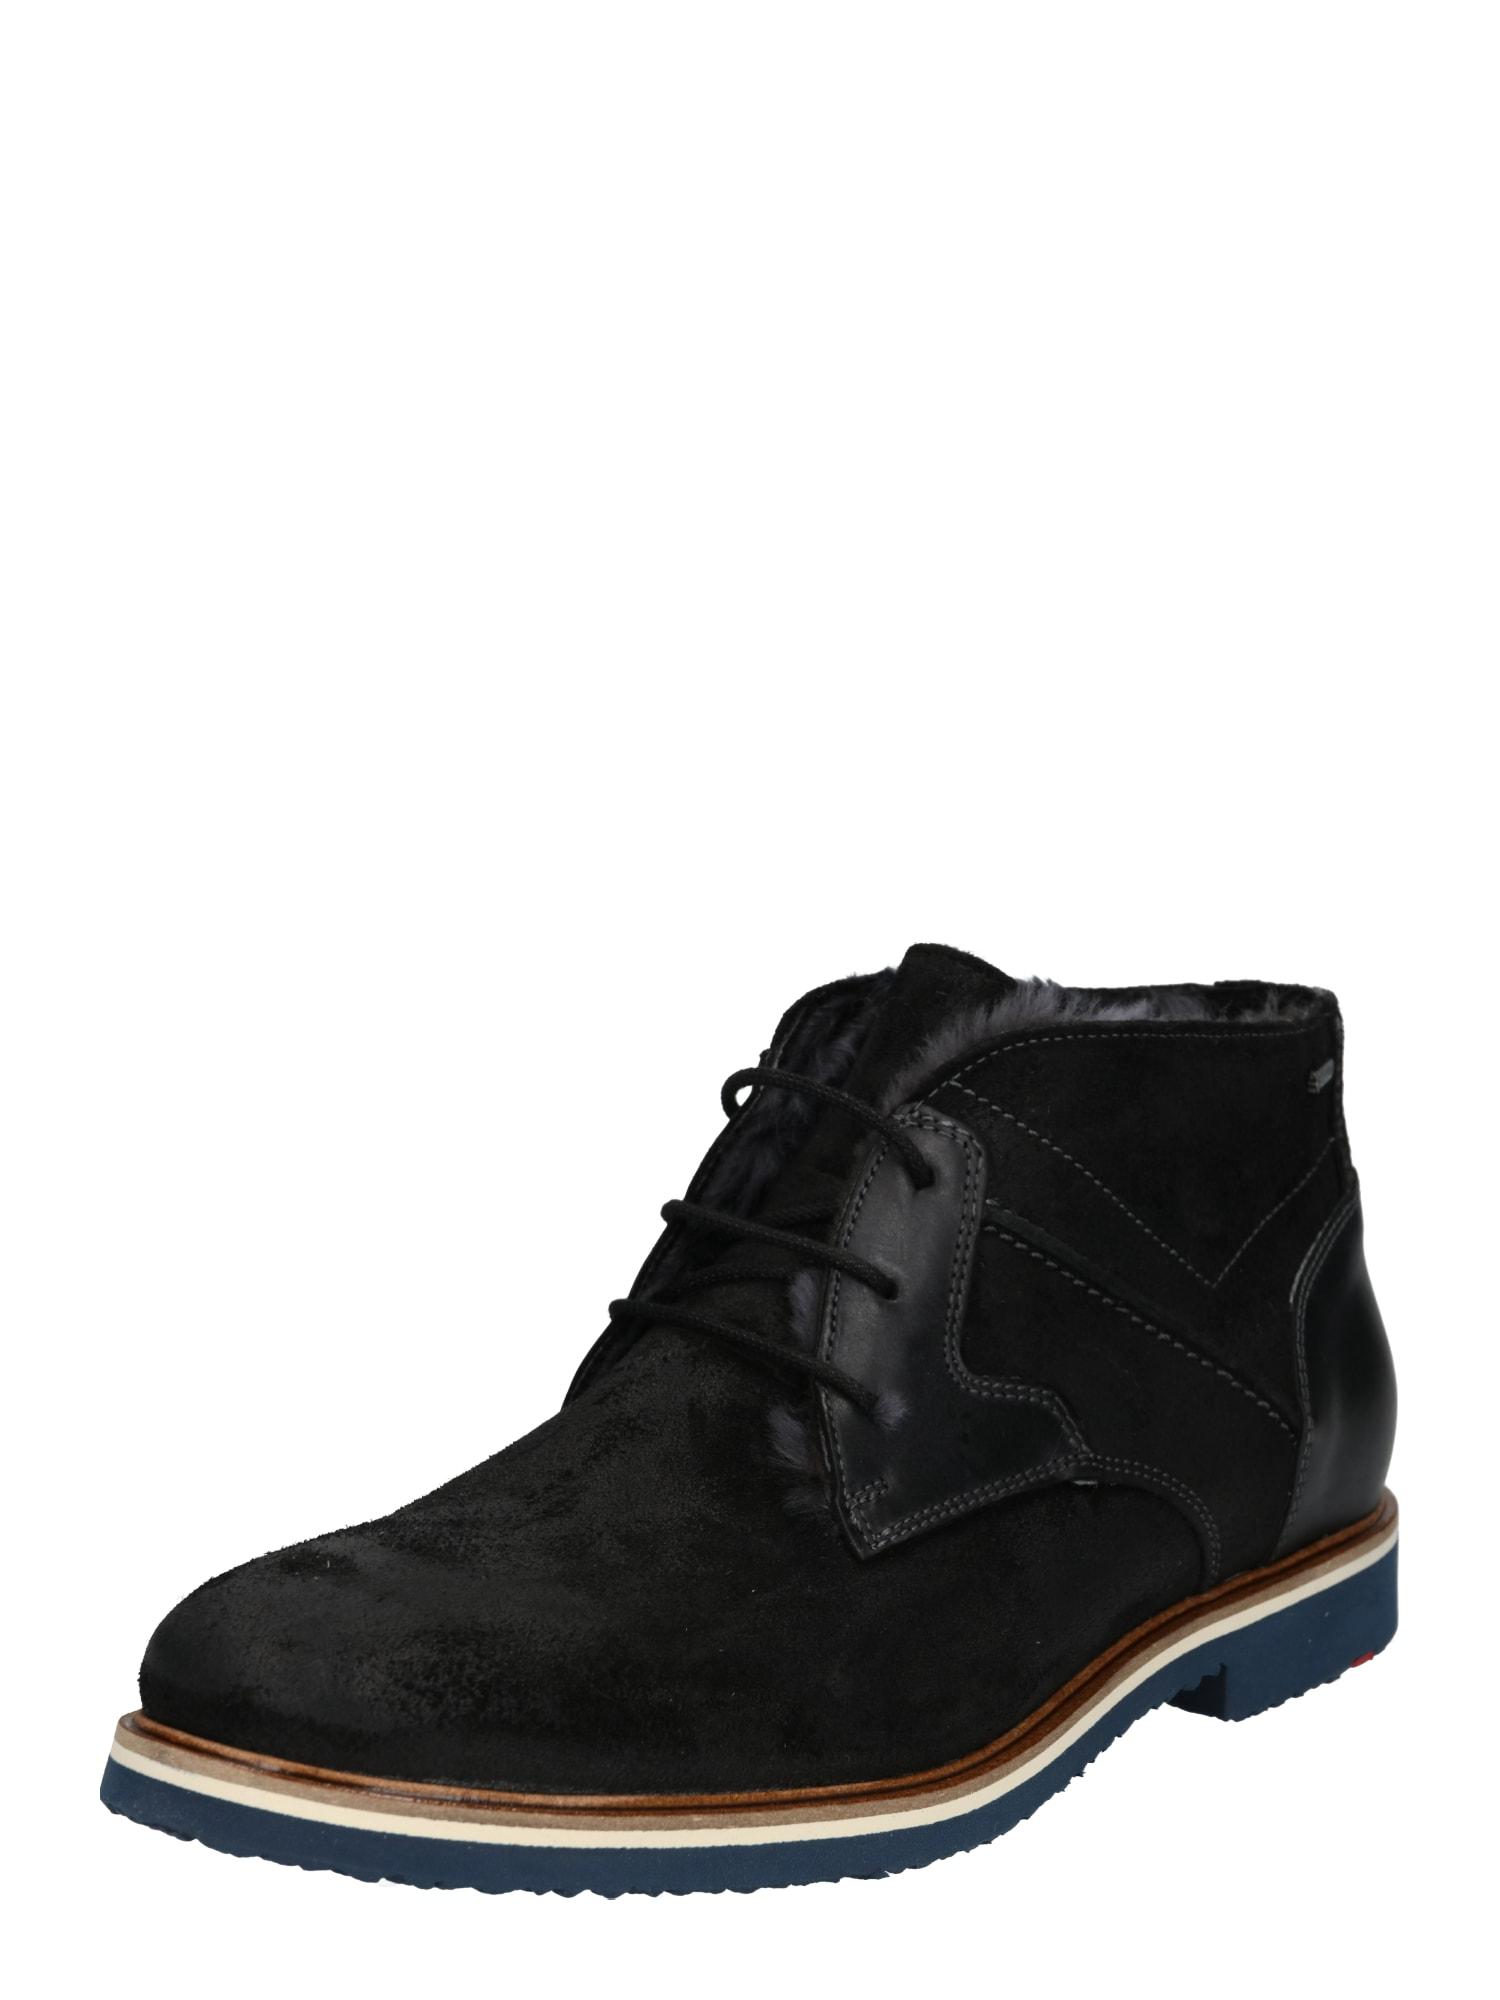 Šněrovací boty Veneto černá LLOYD